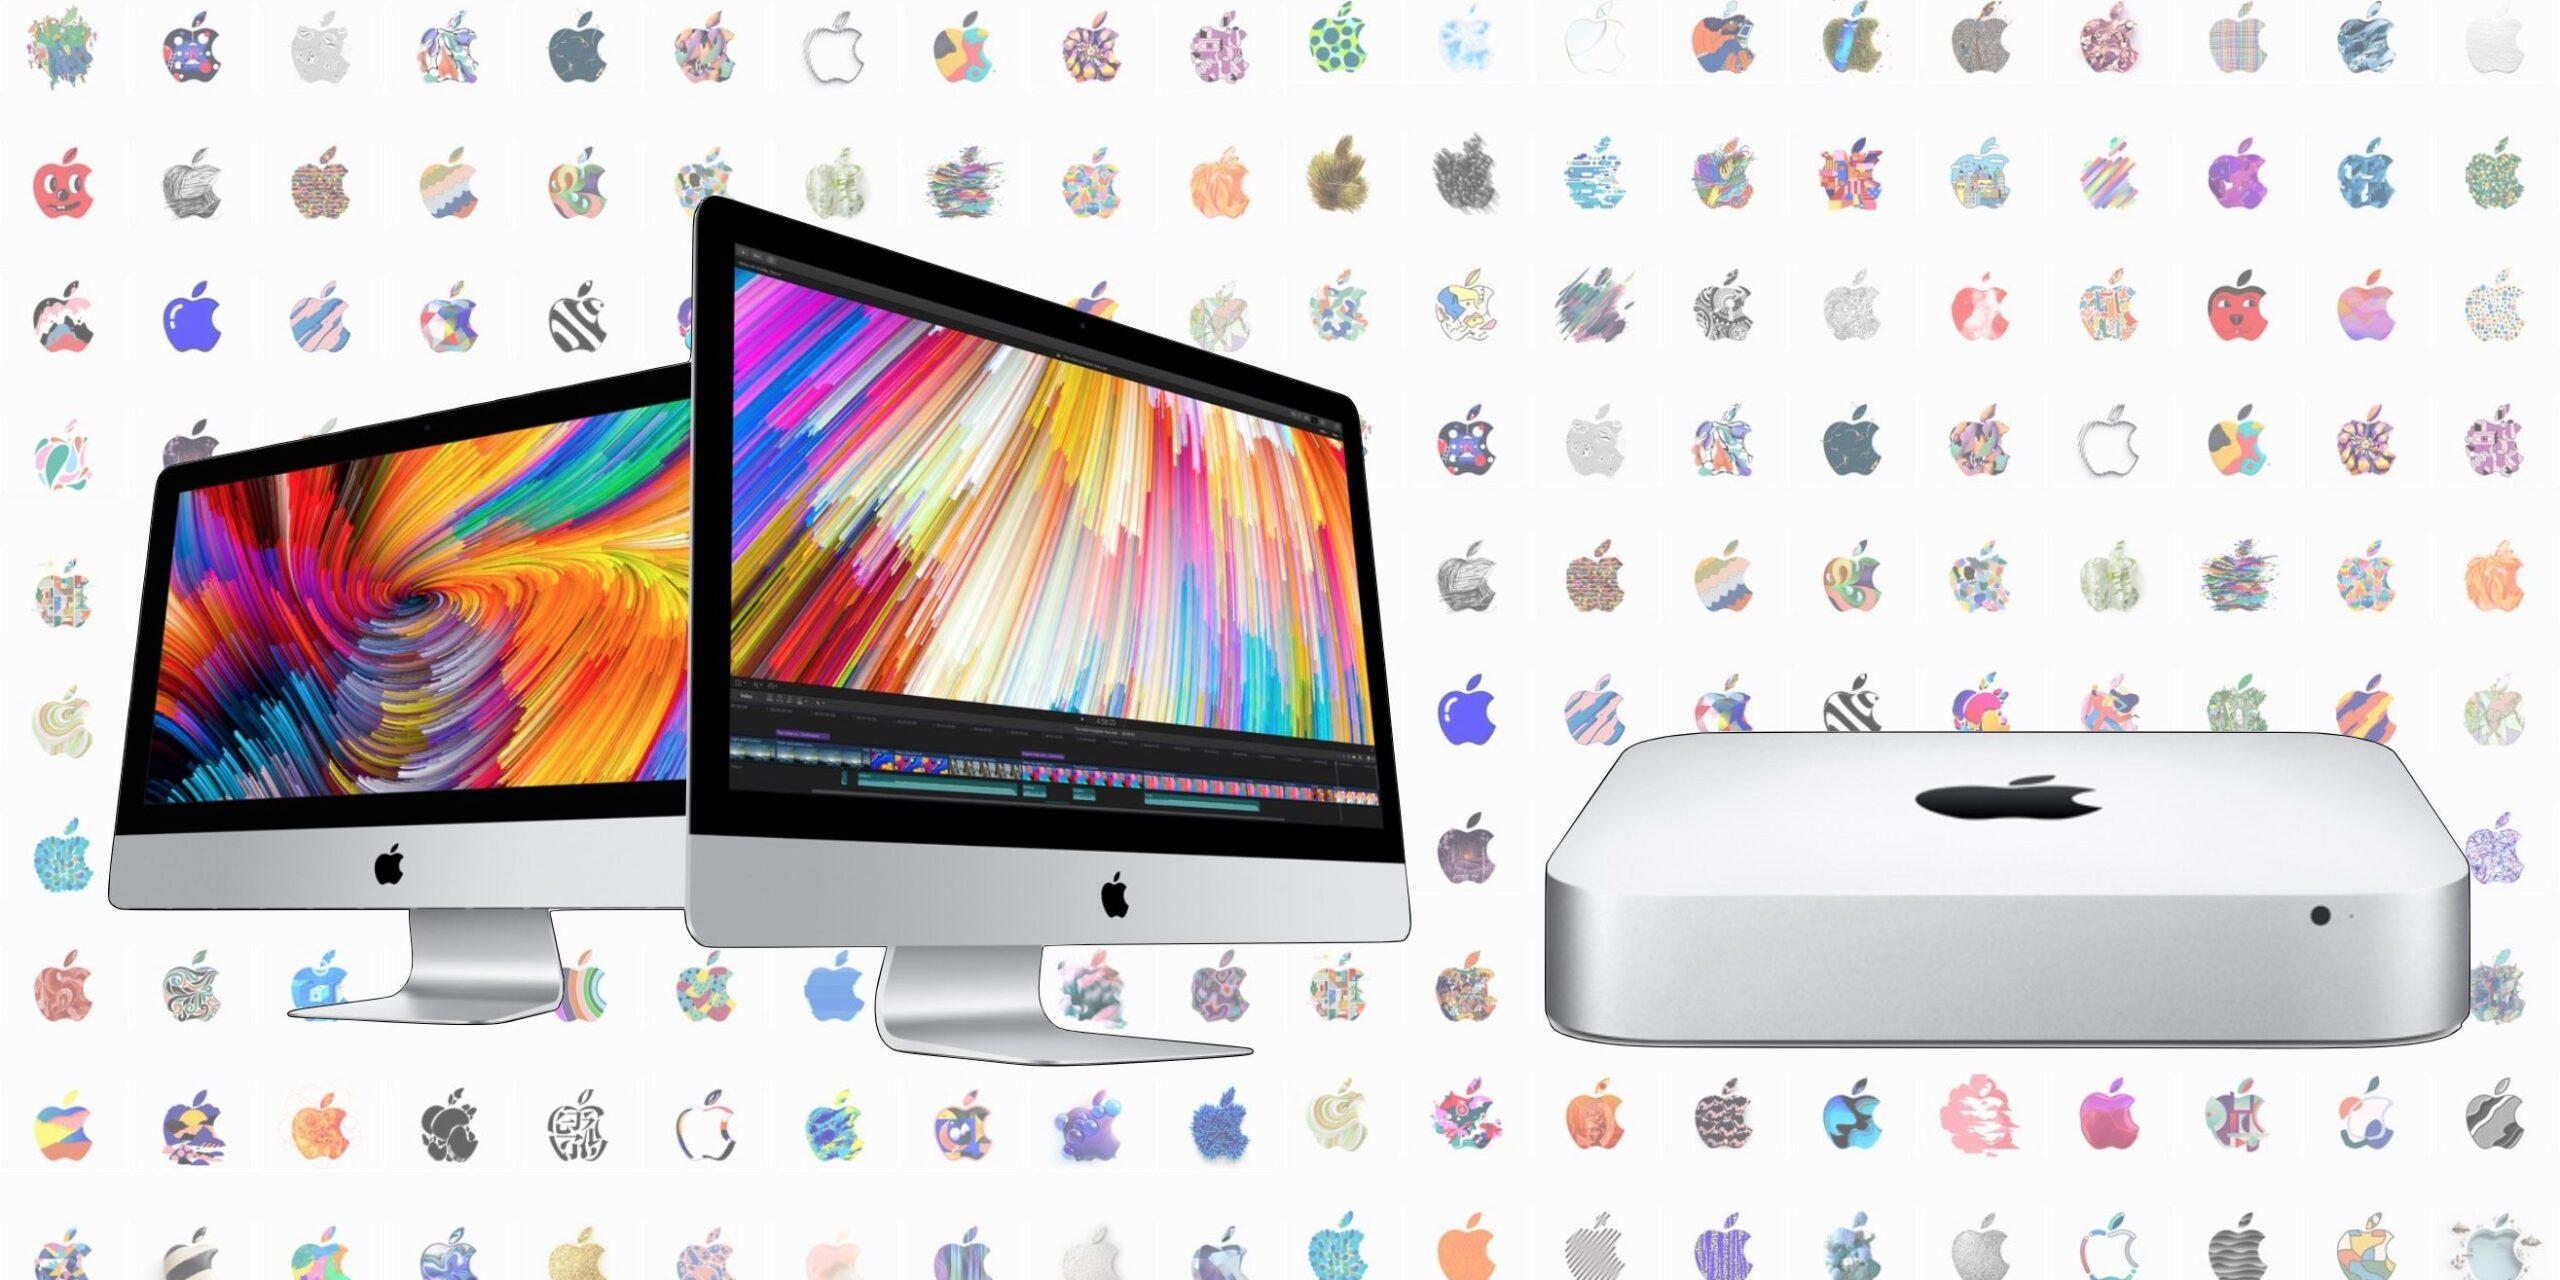 ipad-mac-desktop-october-event